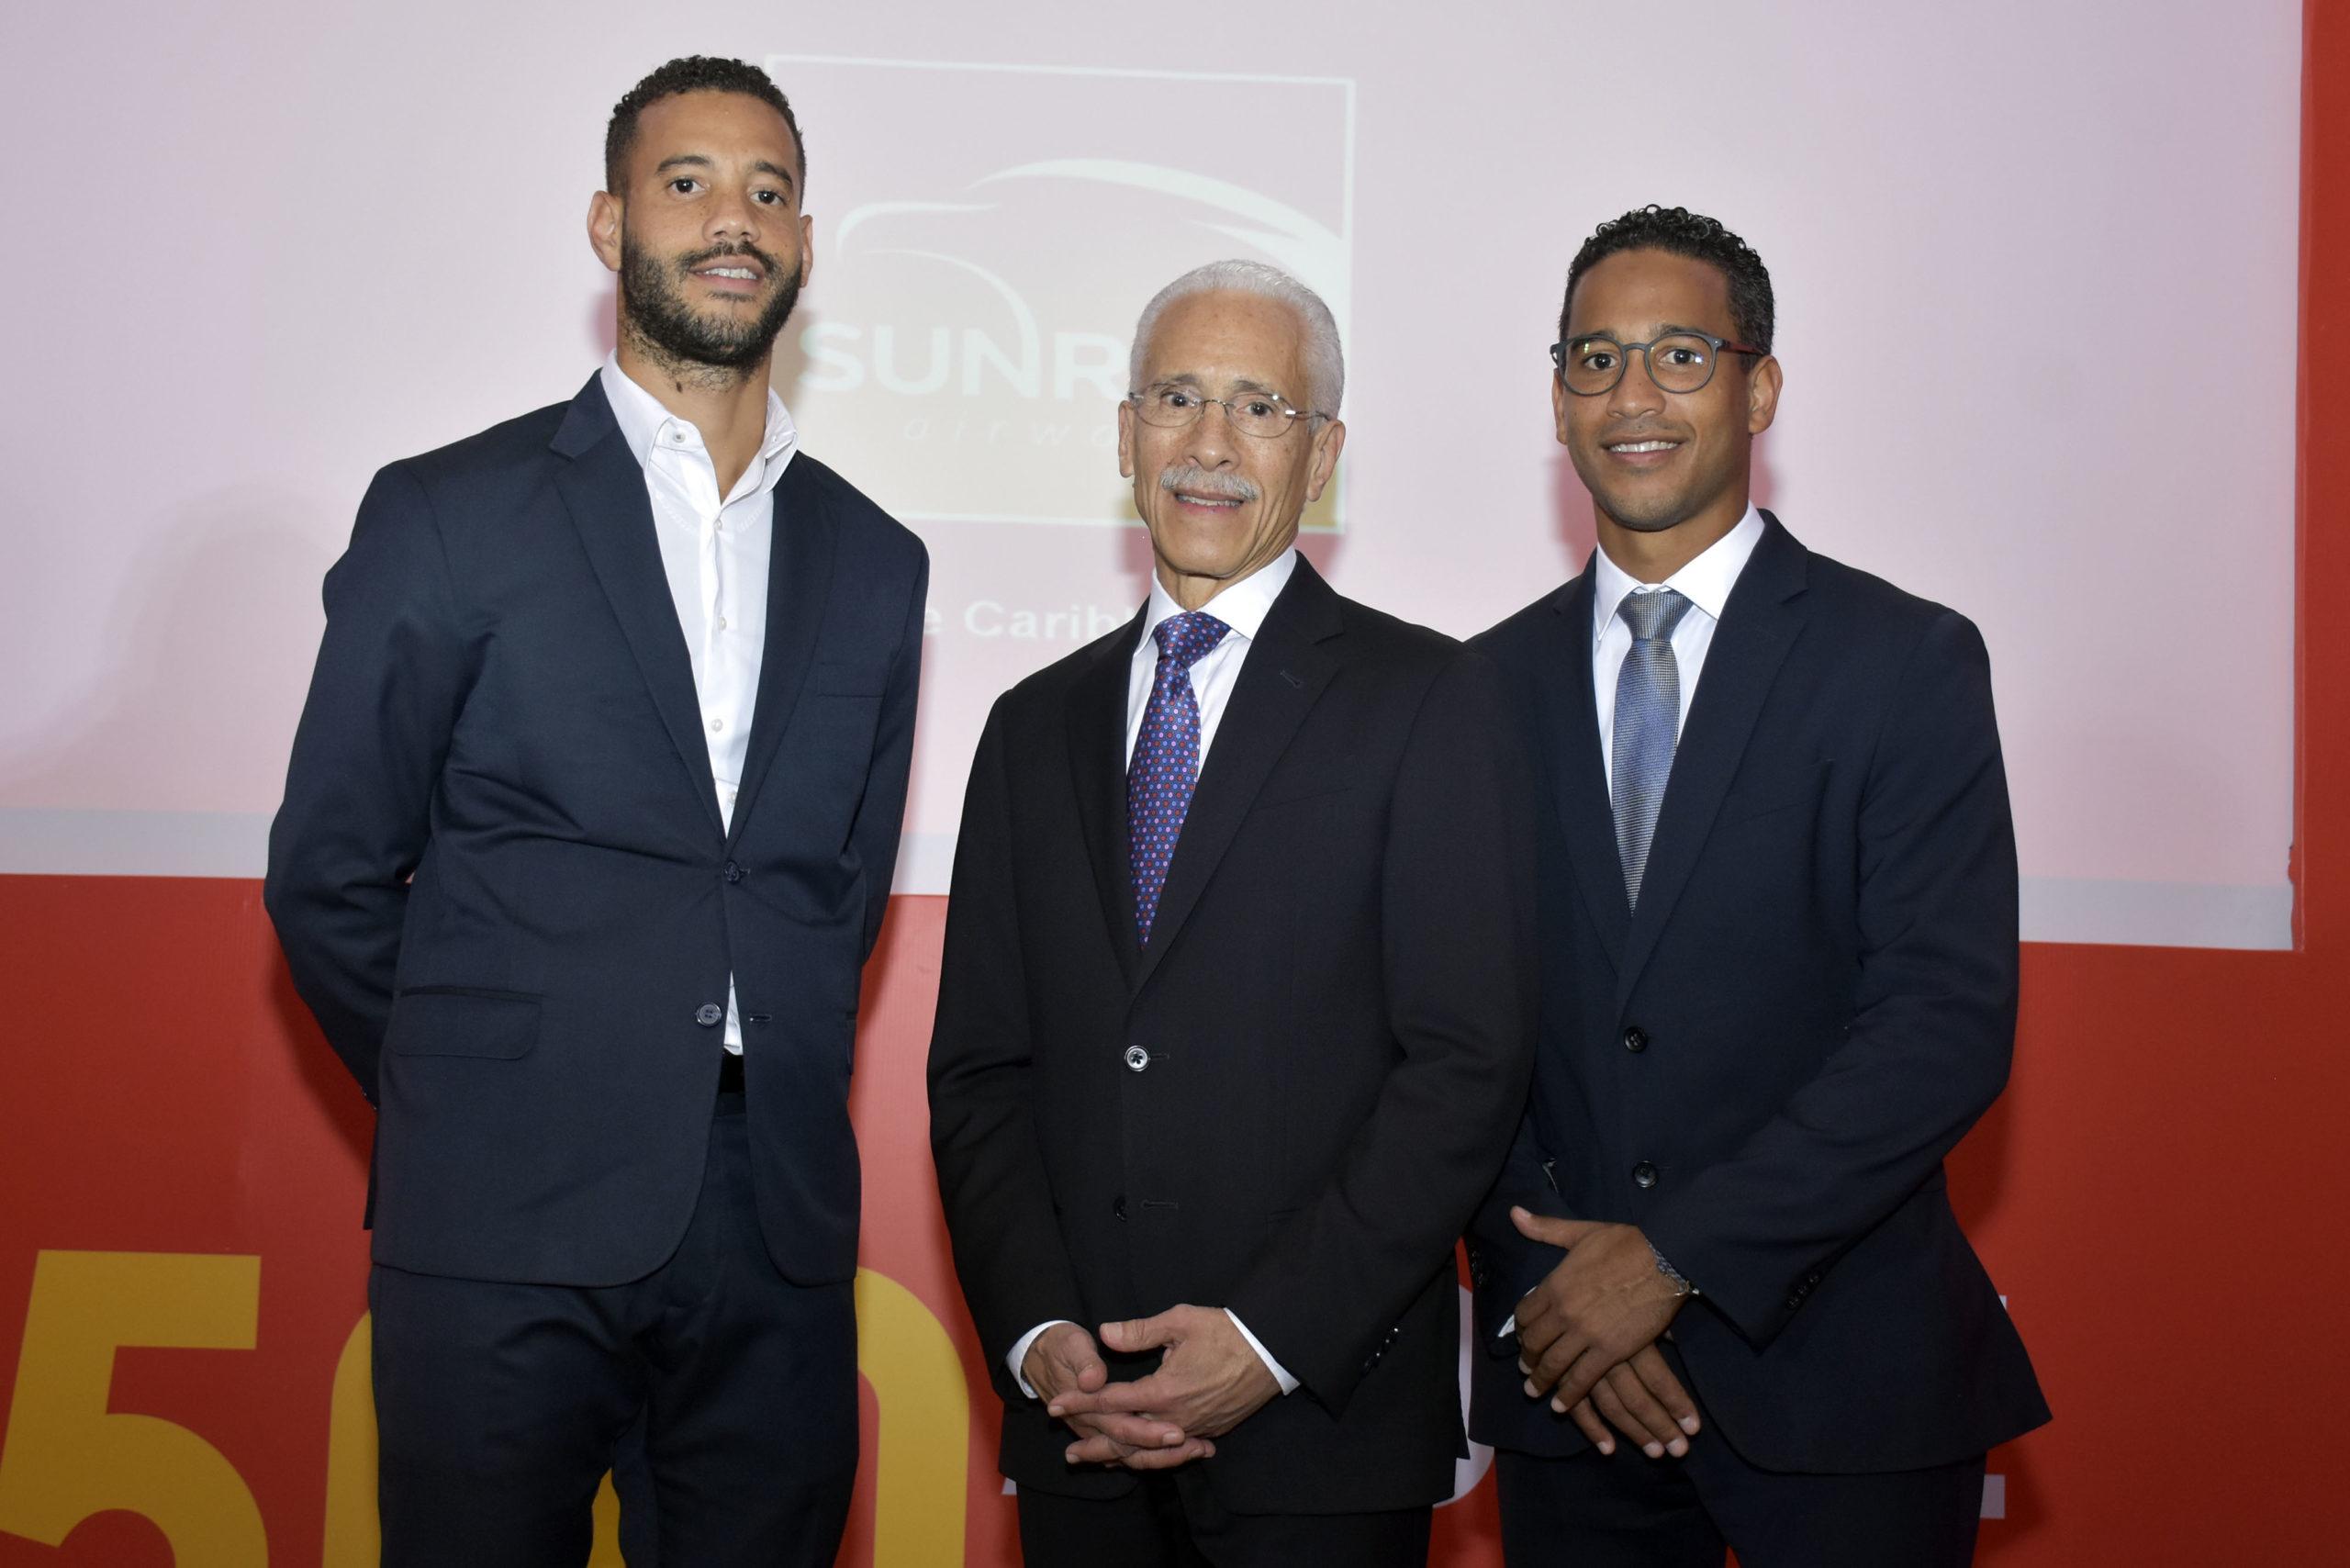 Sebastien Bayard, Phillippe Bayard y Jonathan Bayar